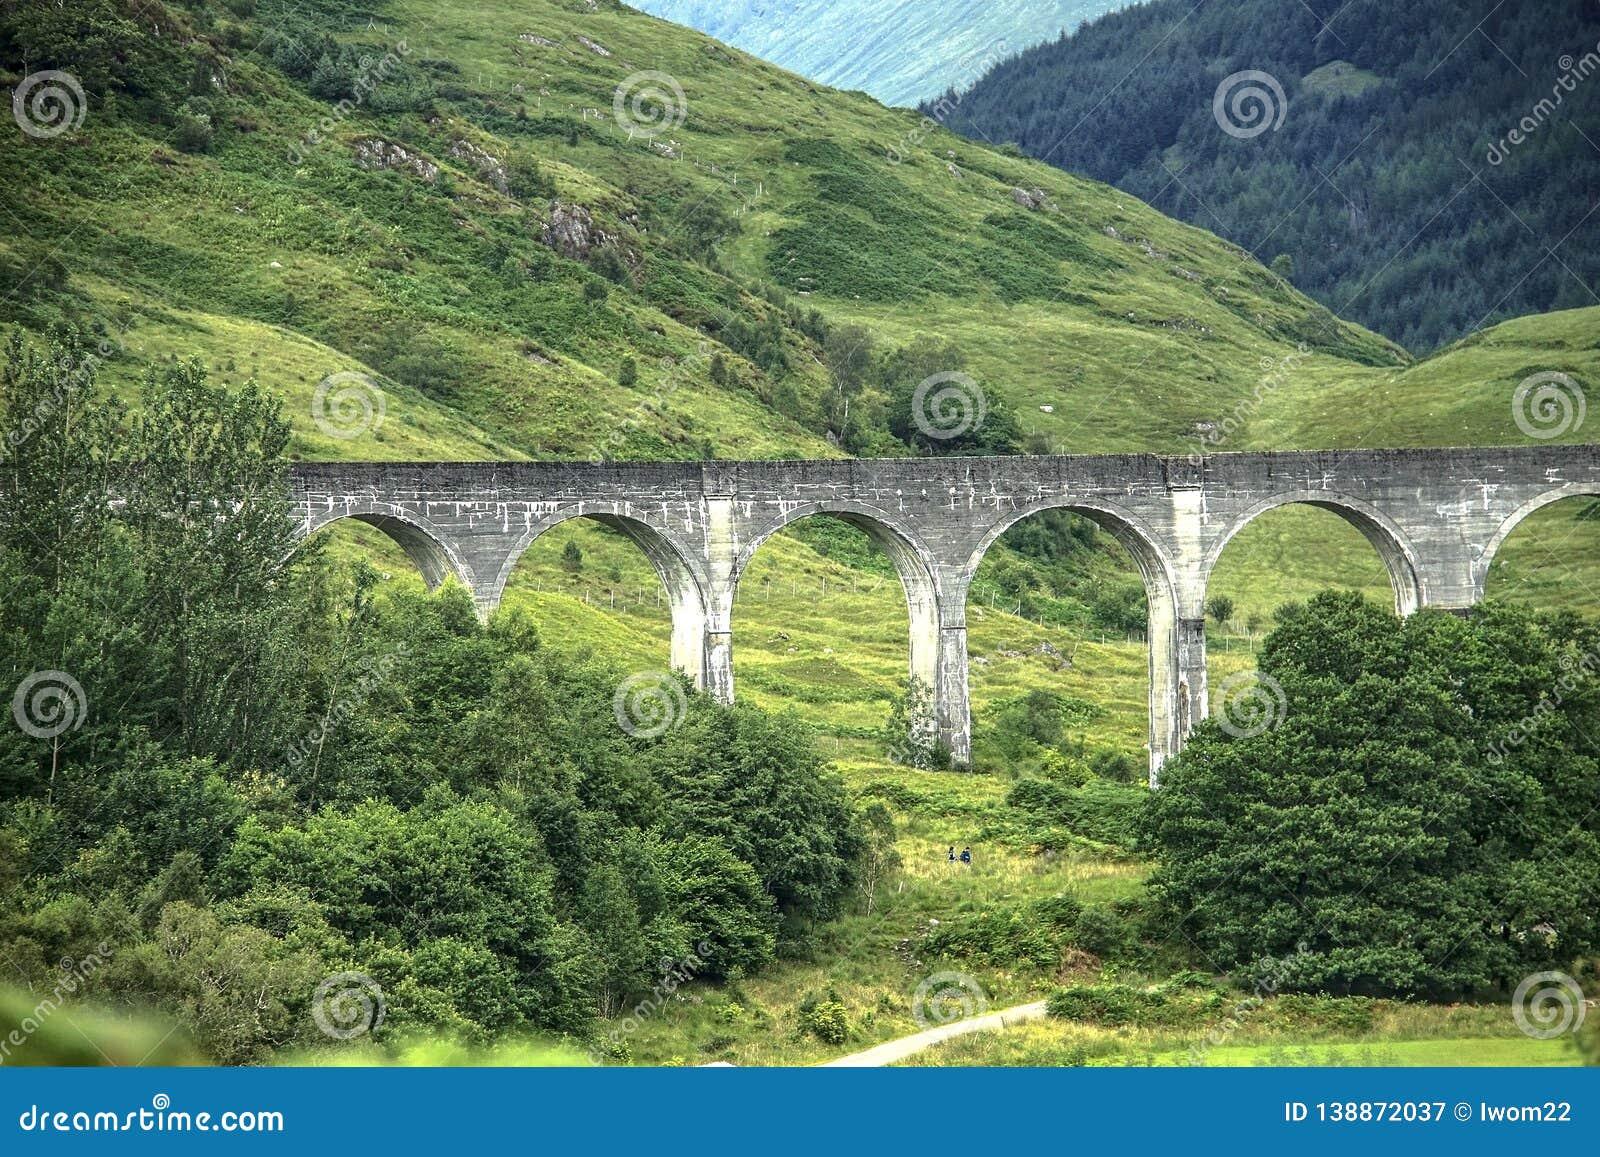 Glenfinnan Viaduct in Scottish Highlands.